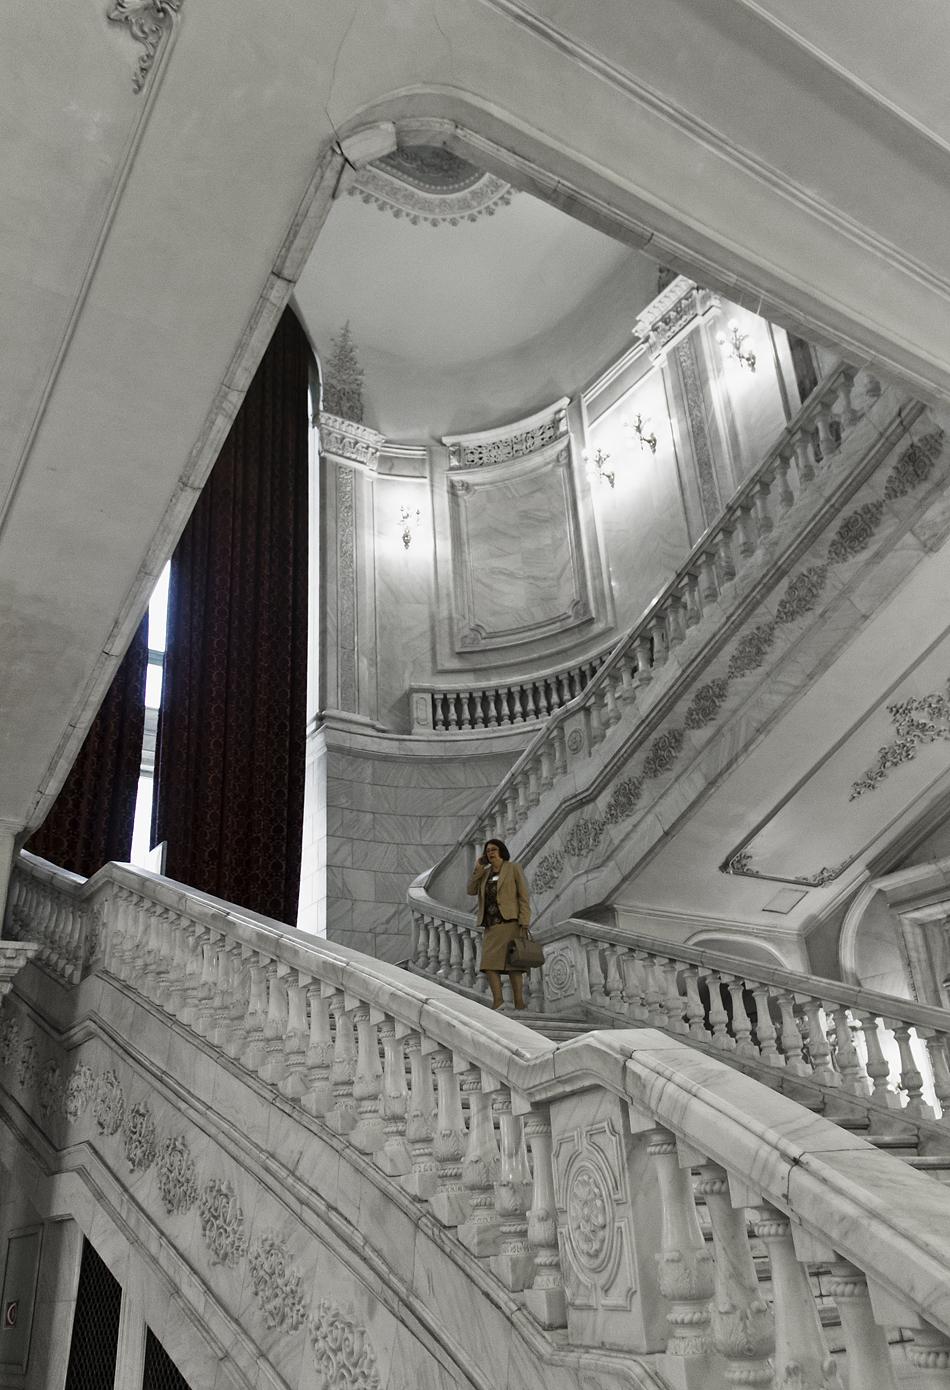 București, Palatul Parlamentului, Interior, Staircase